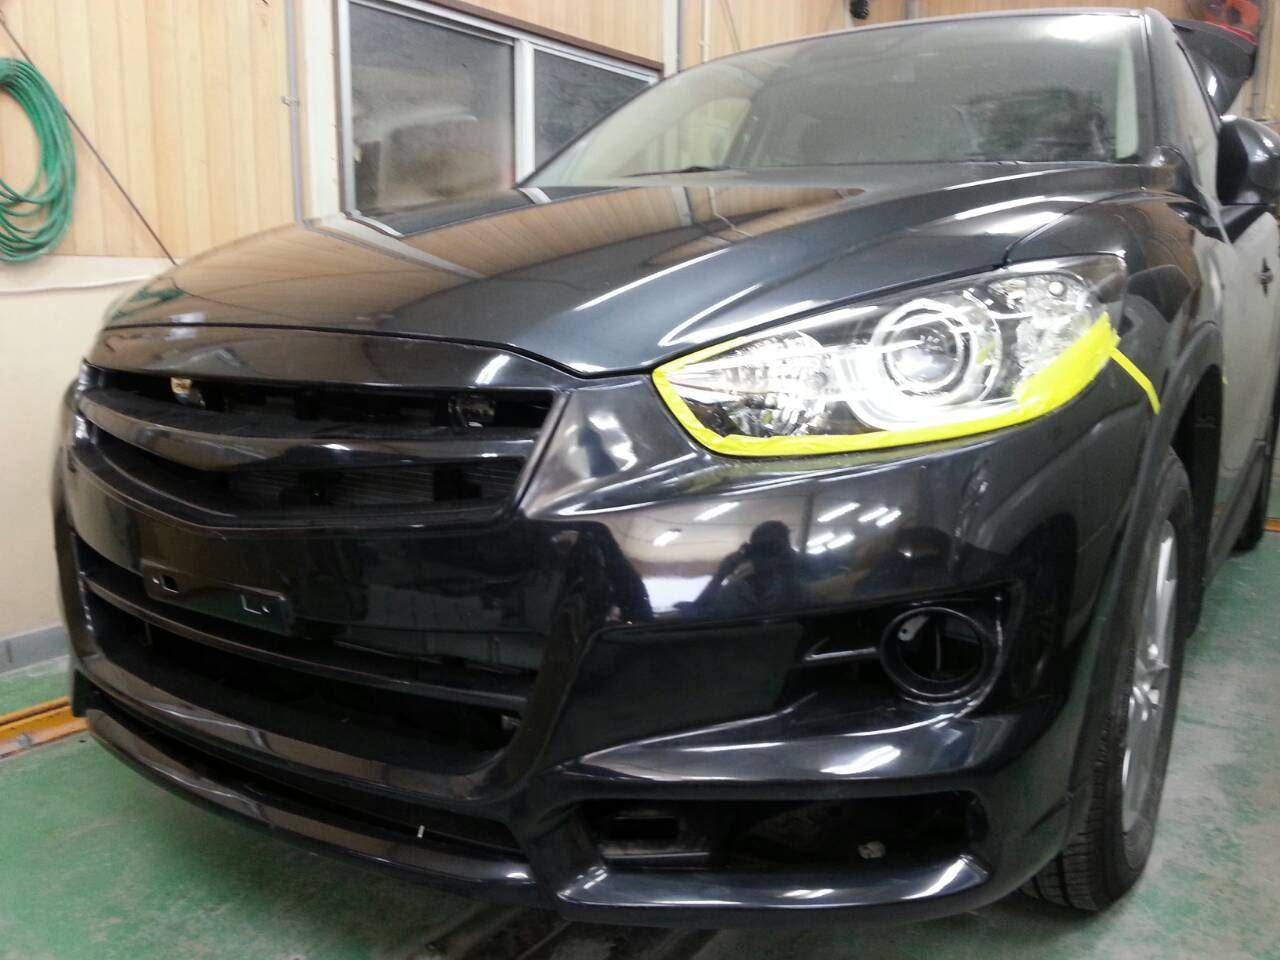 東京都立川市の車の板金塗装修理工場 ガレージローライドのマツダ CX-5のエアロパーツ塗装 取付 です。